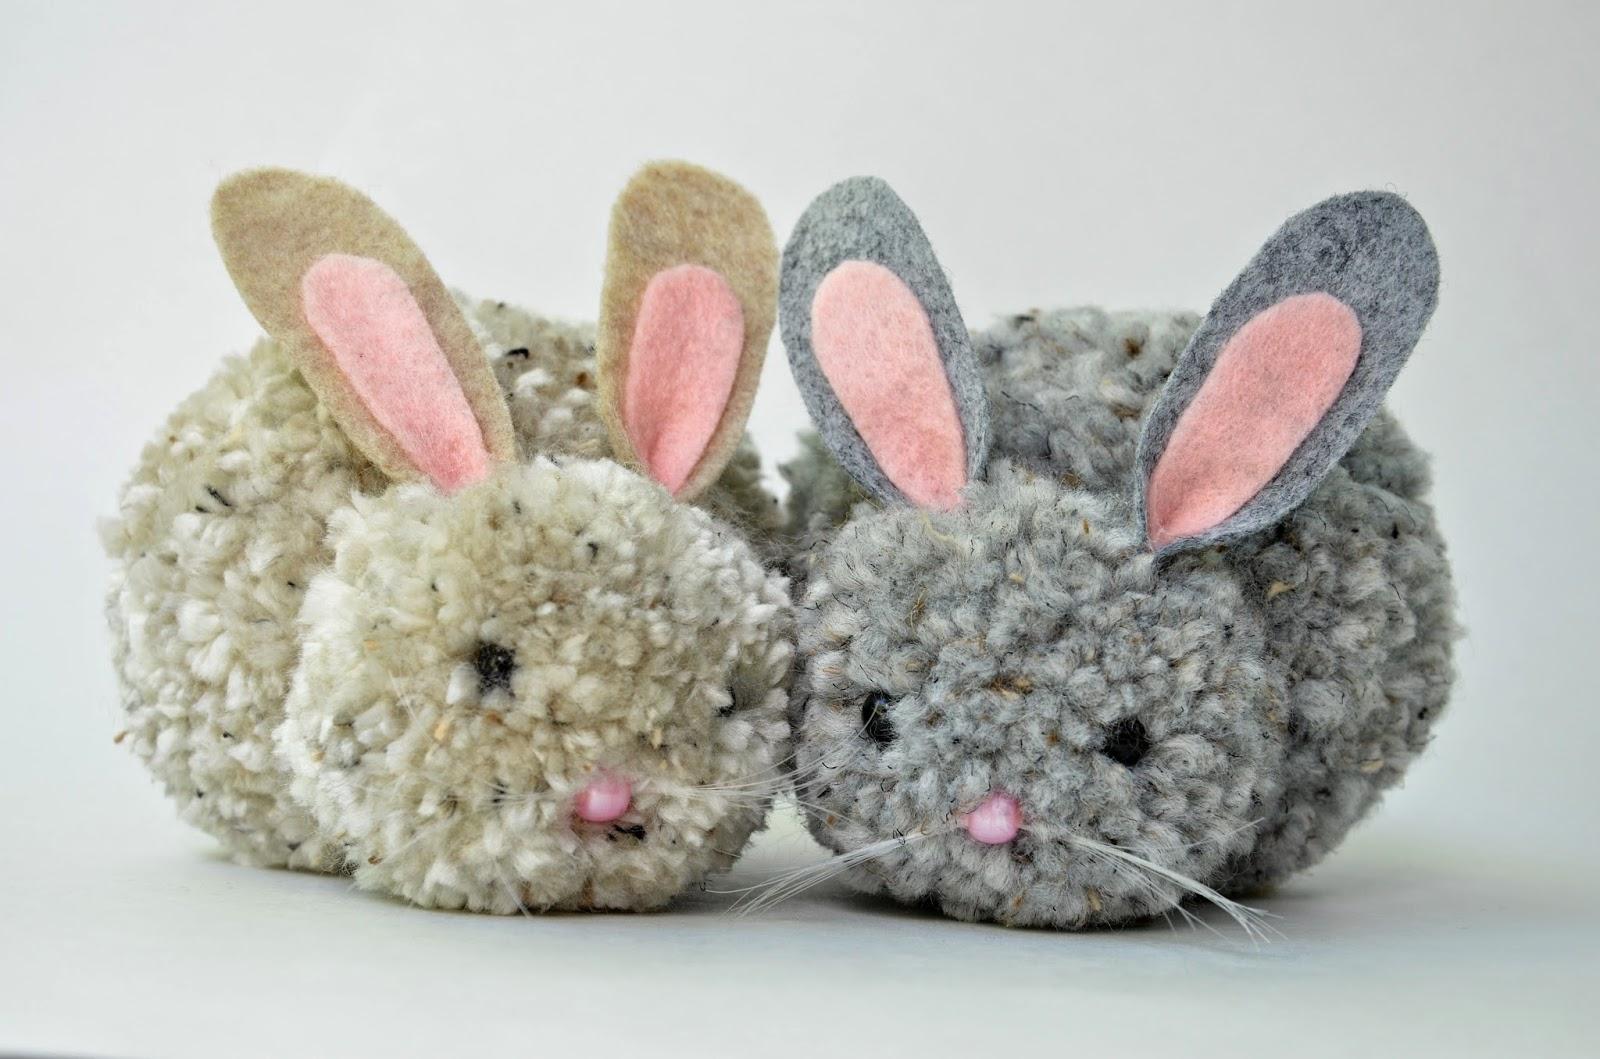 Chic Ponpon Oyuncak Tavşan Yapımı 10 ponpondan oyuncak yapımı